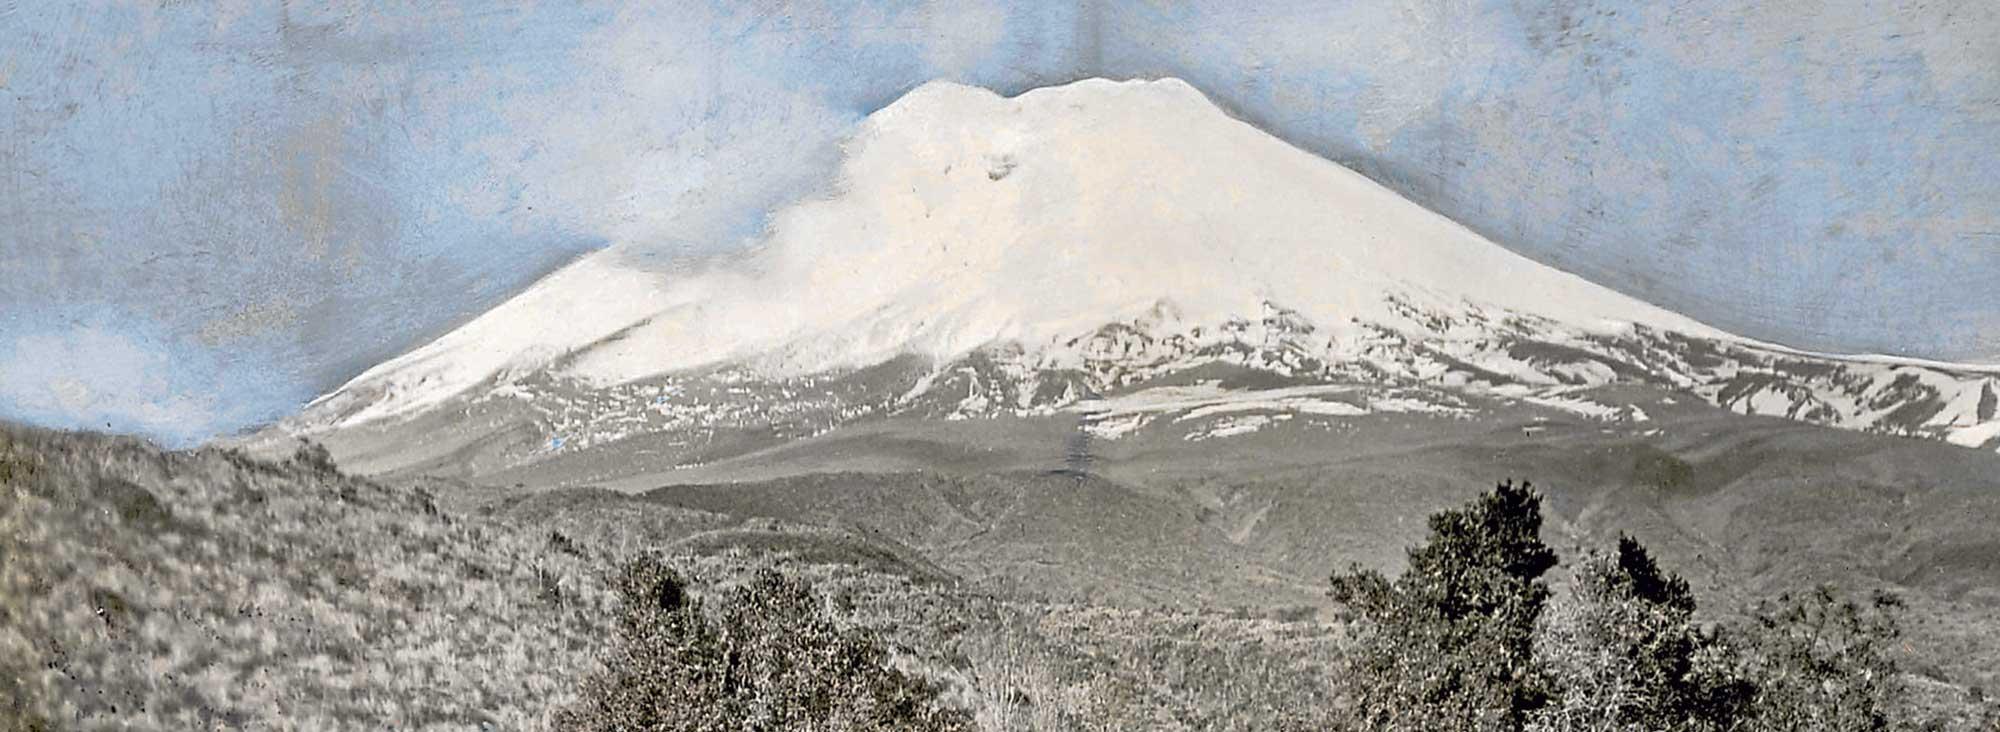 El Cotopaxi visto desde el oeste. En la imagen,  Rudolf Reschreiter está pintando. La foto fue tomada por Hans Mayer, 1903.